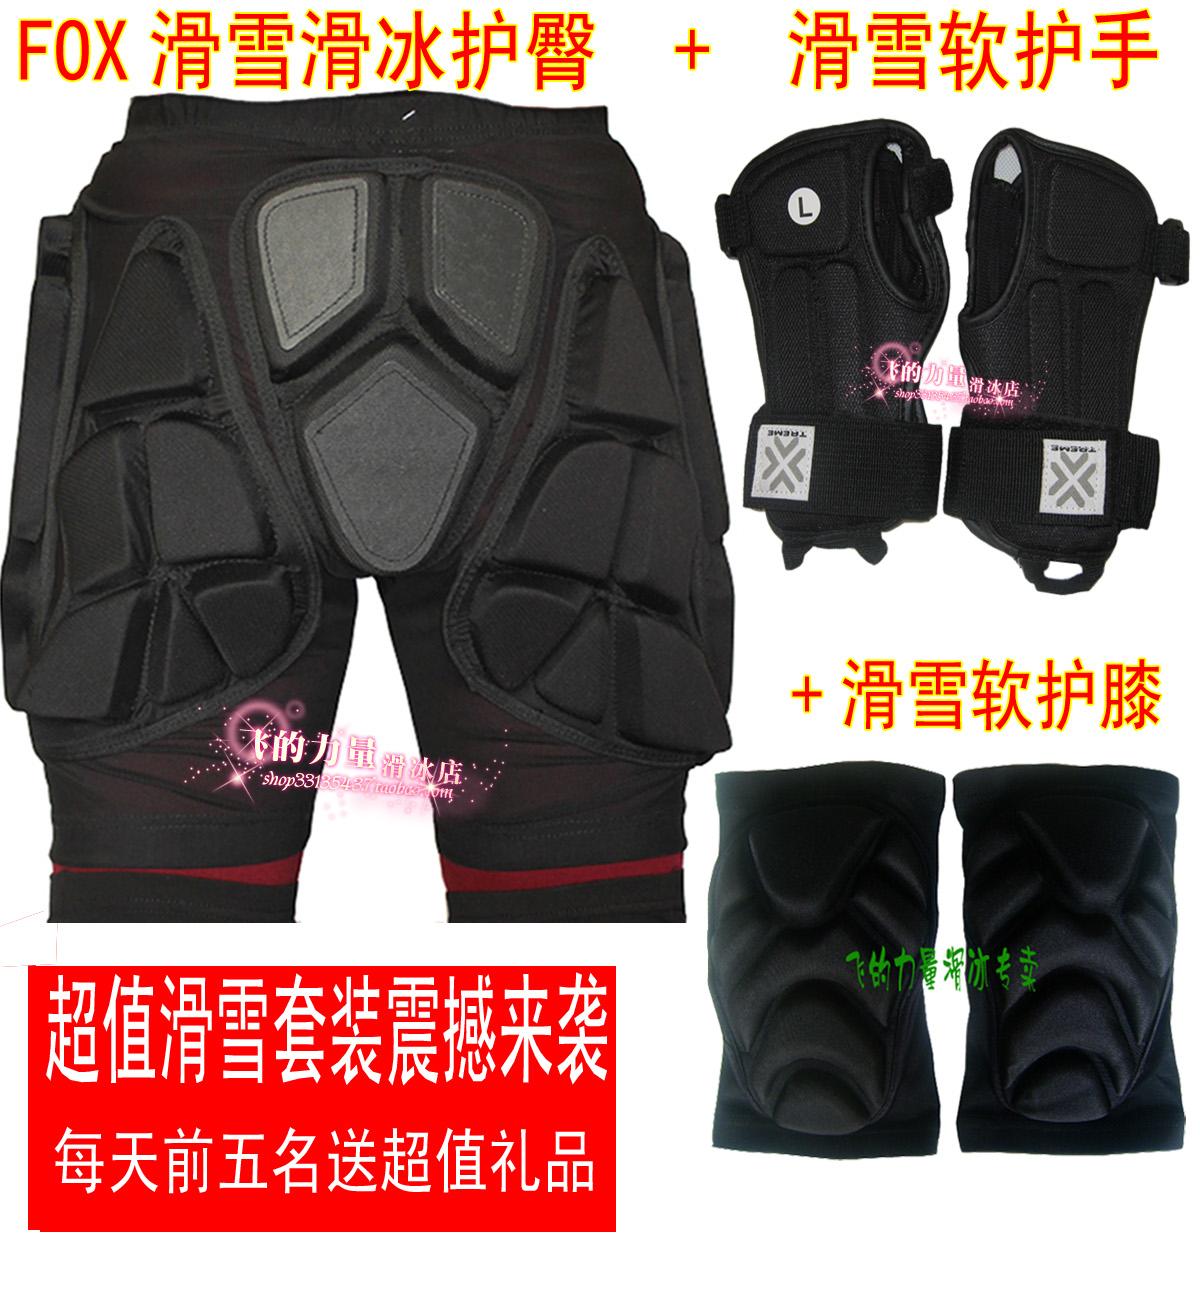 Защитное снаряжение для сноуборда Фокс, Сноубординг один пеленки пеленки с мягкие руки снега Хоккей брюки + колена колодки фигурная скобка взрослые дети костюм мешок почта